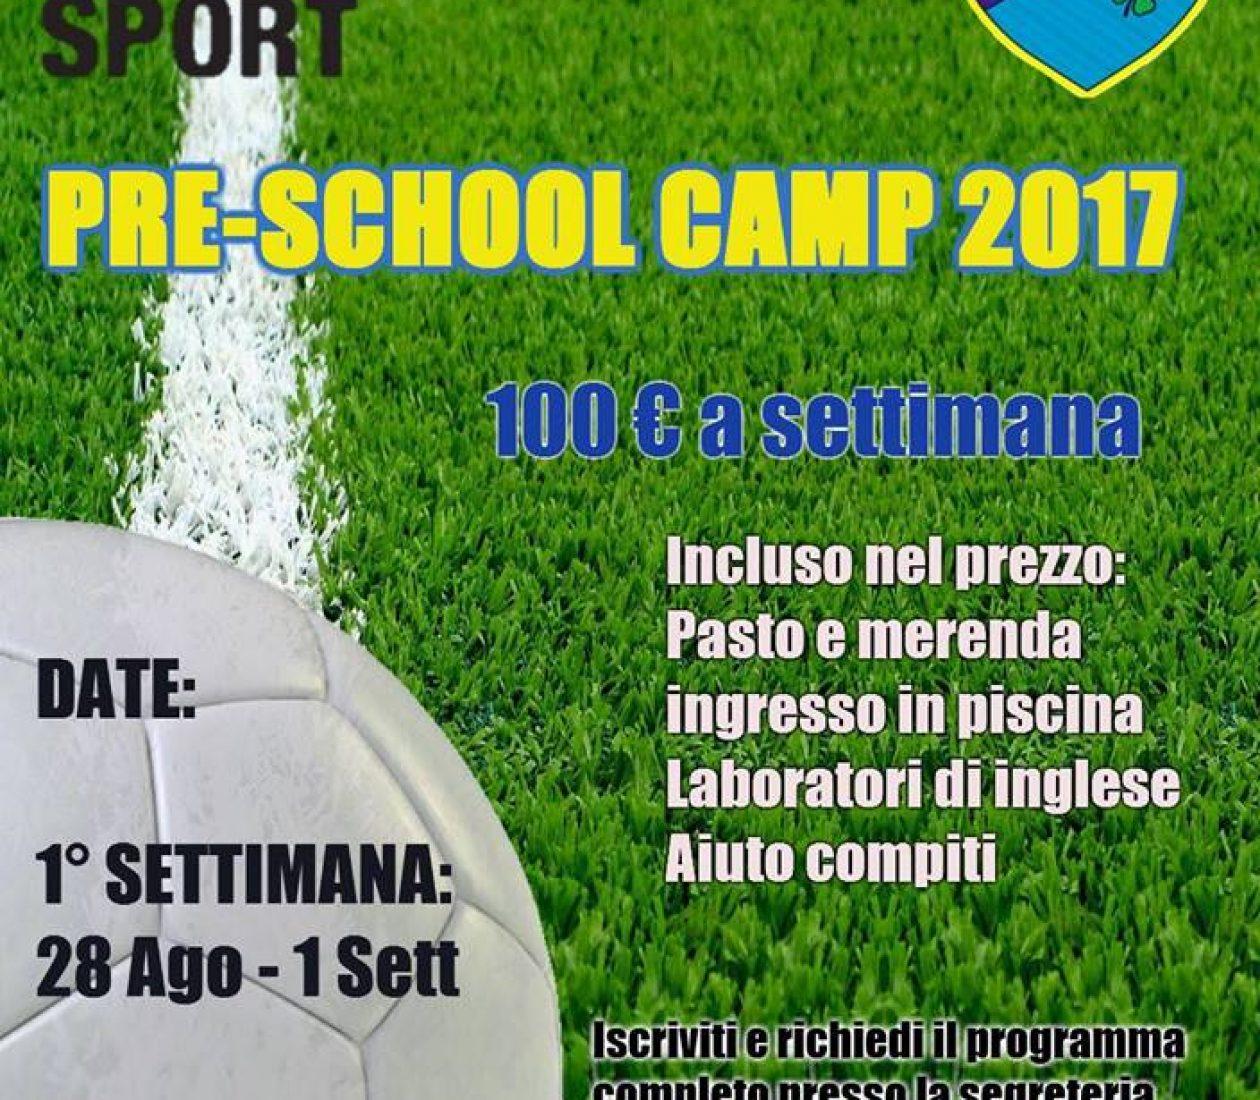 Pre-School Camp 2017